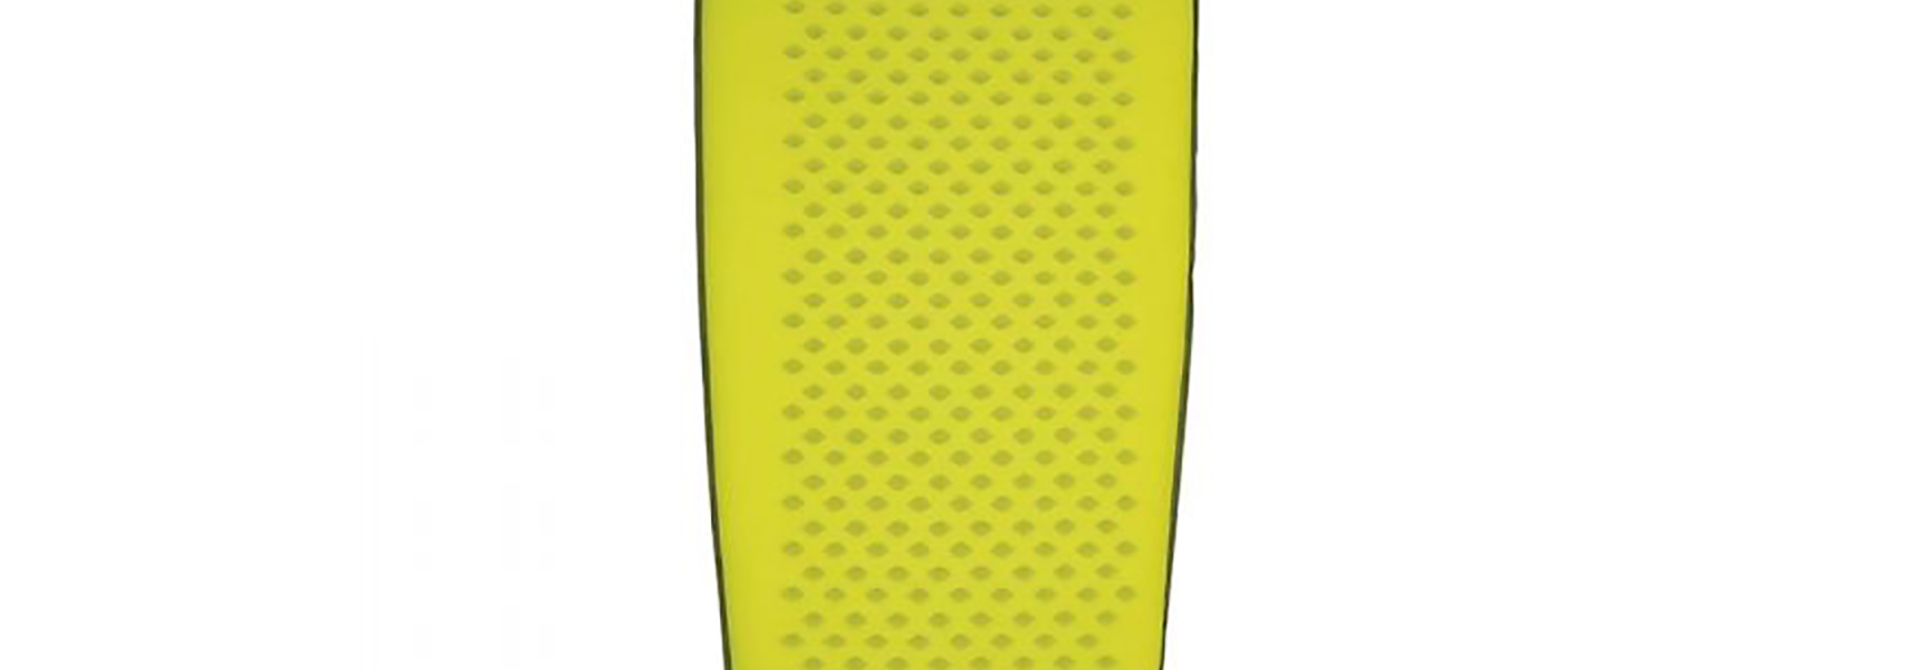 Agile Series Self-Inflating Pad, Regular